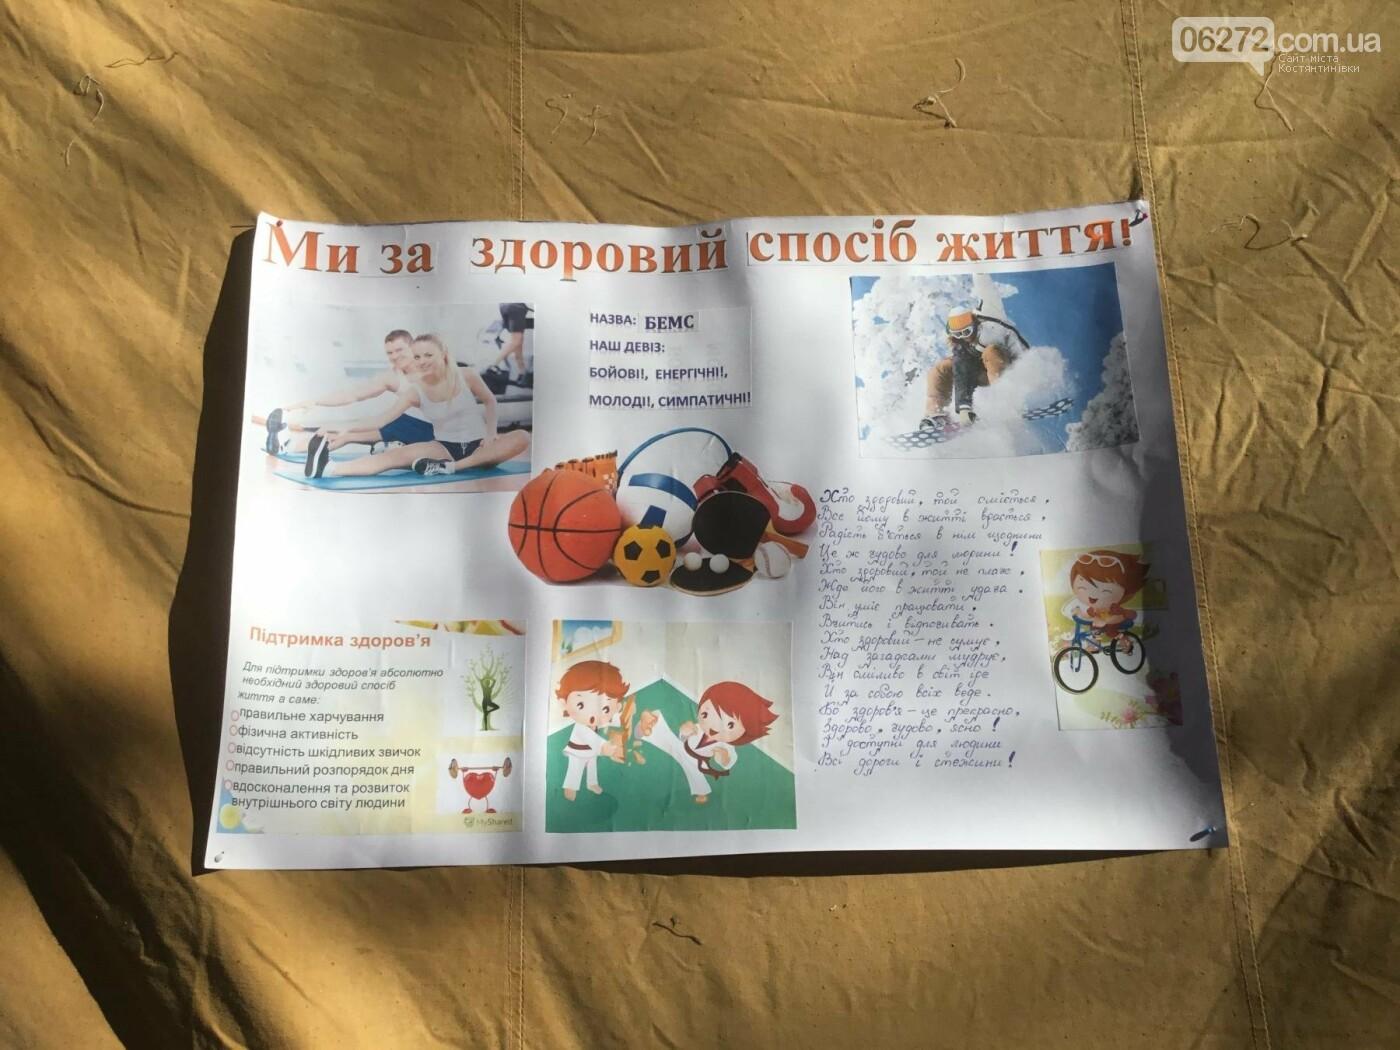 День здоровья в Константиновском медицинском колледже, фото-1